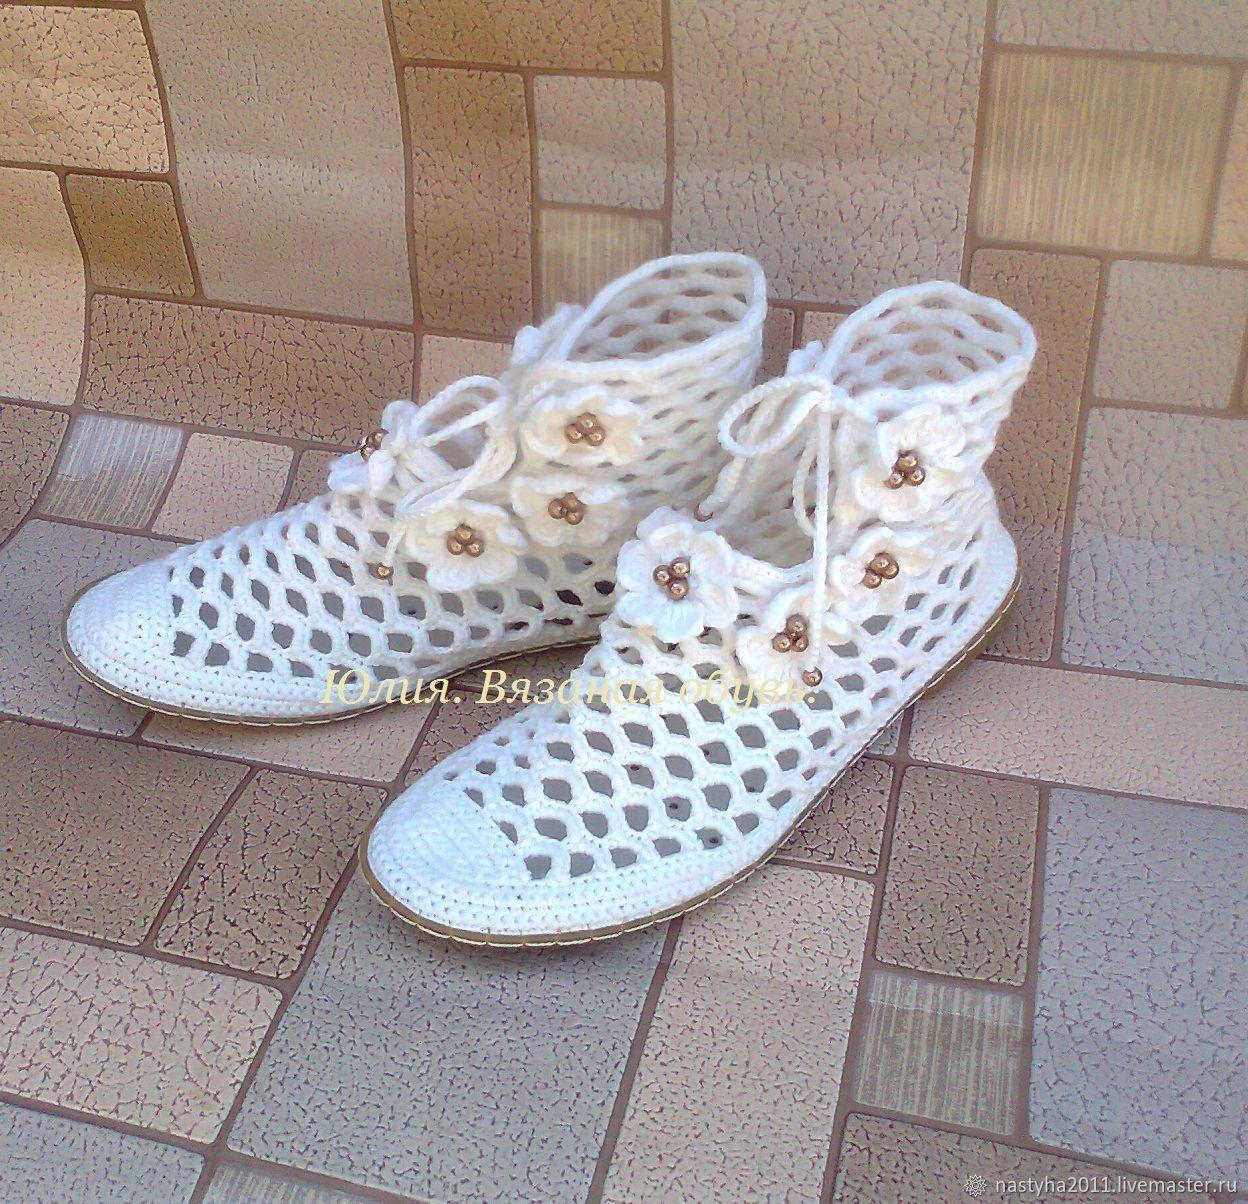 Обувь ручной работы. Ярмарка Мастеров - ручная работа. Купить Ботинки: Ажурные. Handmade. Вязание крючком, обувь на заказ